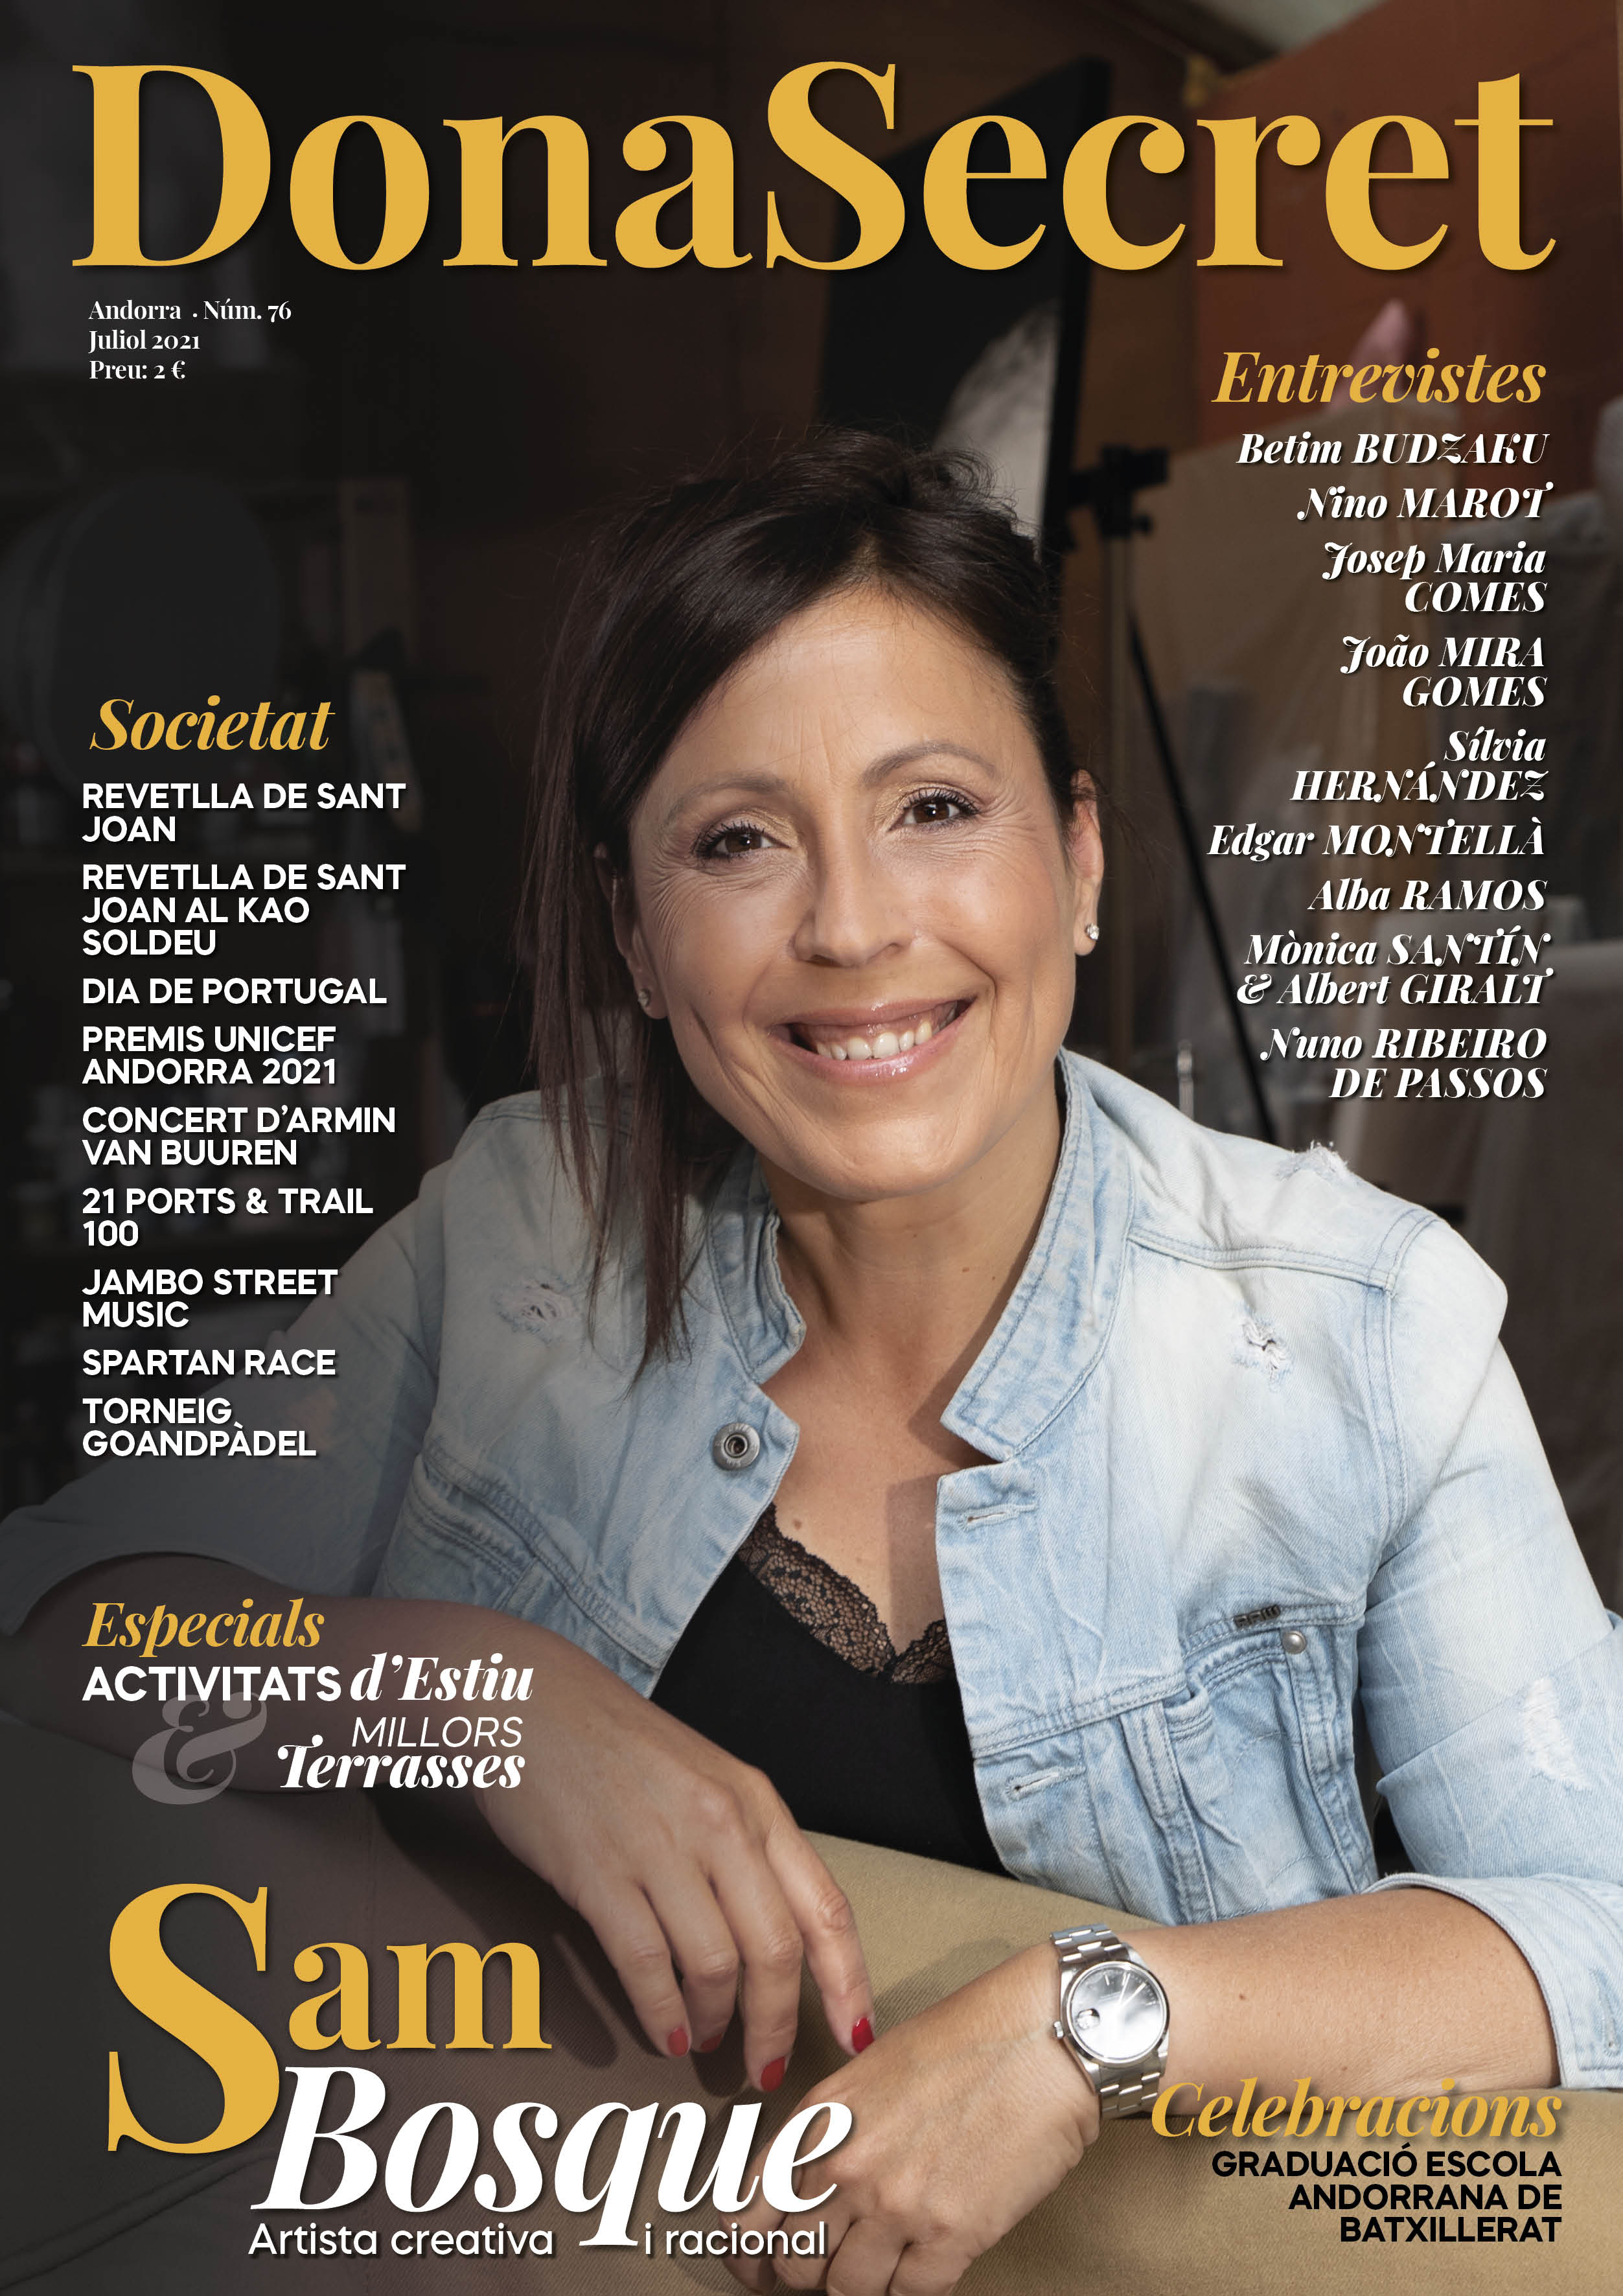 Revista Dona Secret 76 - Juliol 2021 - Sam Bosque